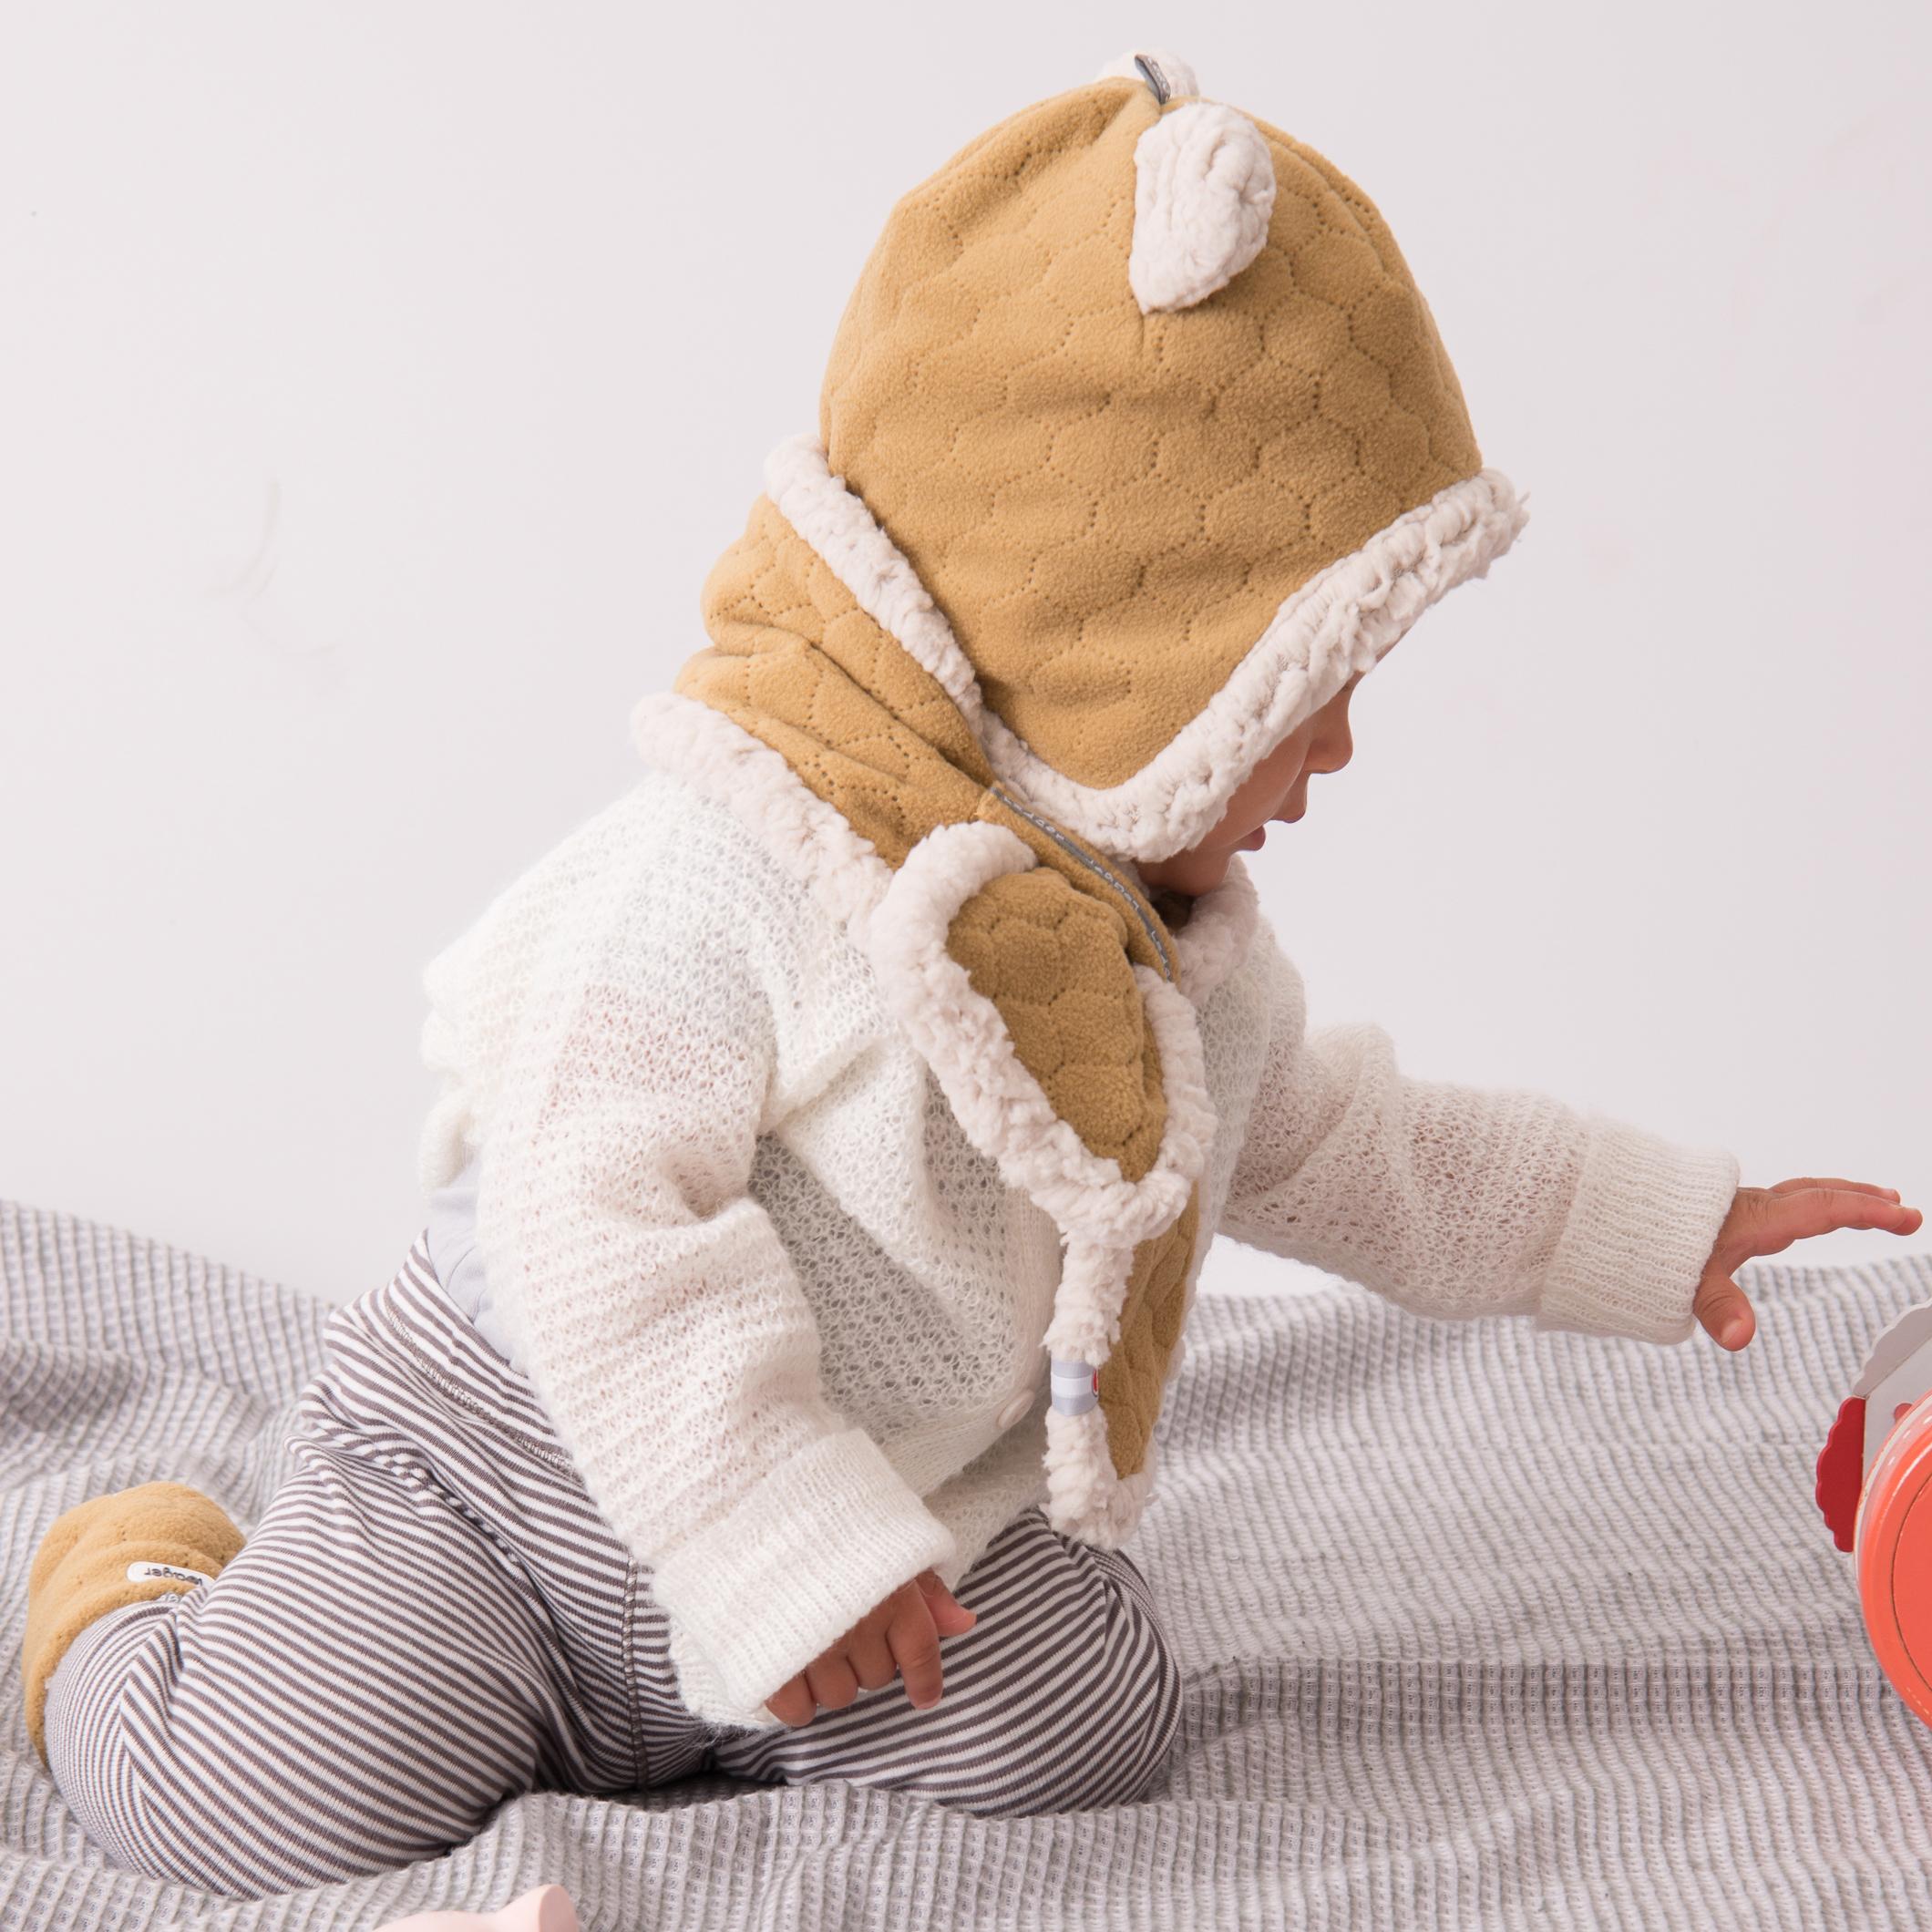 Świeże Lodger Muffler to polarowy szalik dla niemowlaków w wieku 0-12 IL19